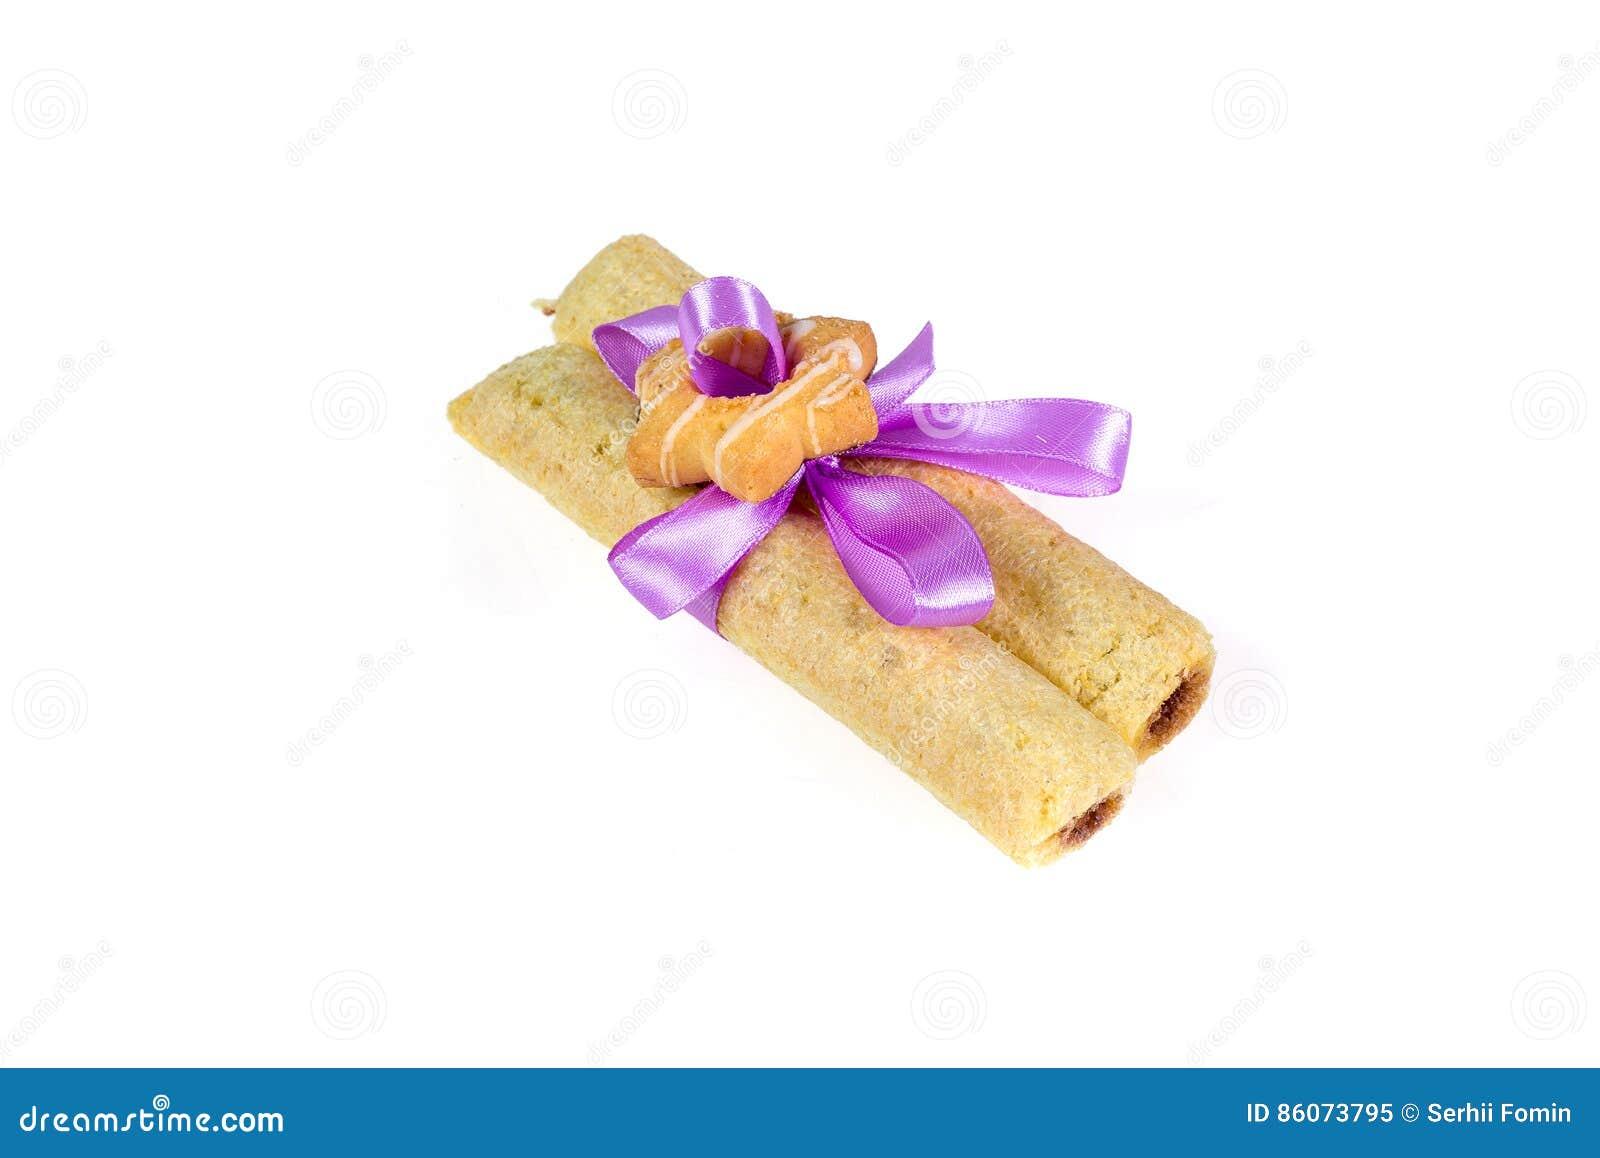 Geschmackvolle Plätzchen knoteten purpurrotes Band - eine Festlichkeit für geliebte